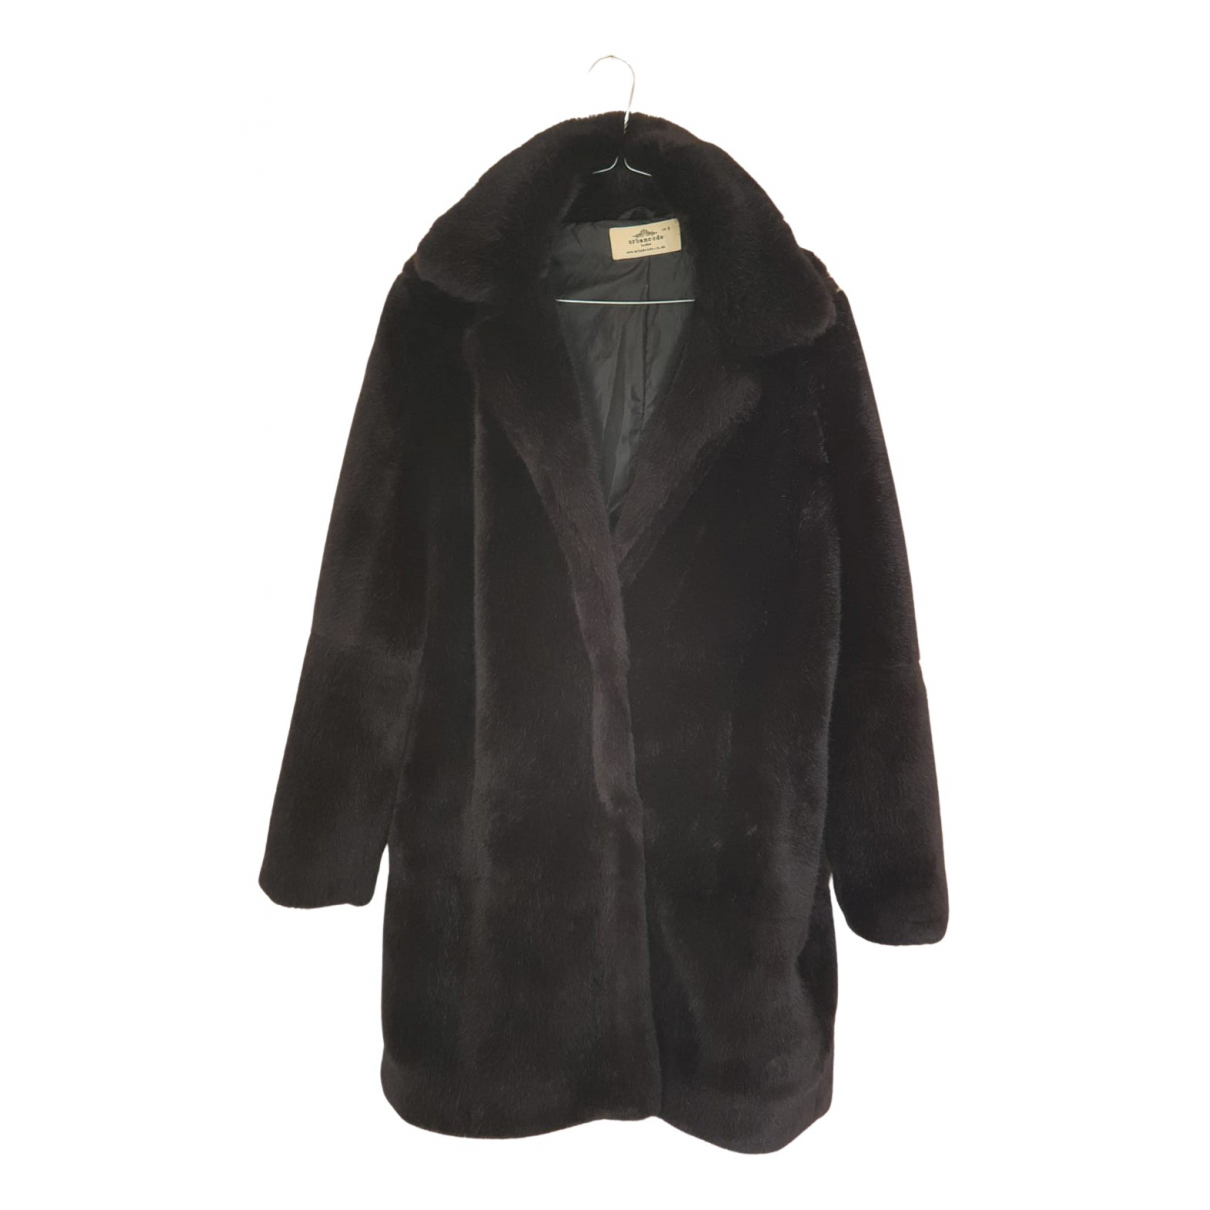 Urbancode - Manteau   pour femme en fourrure synthetique - noir